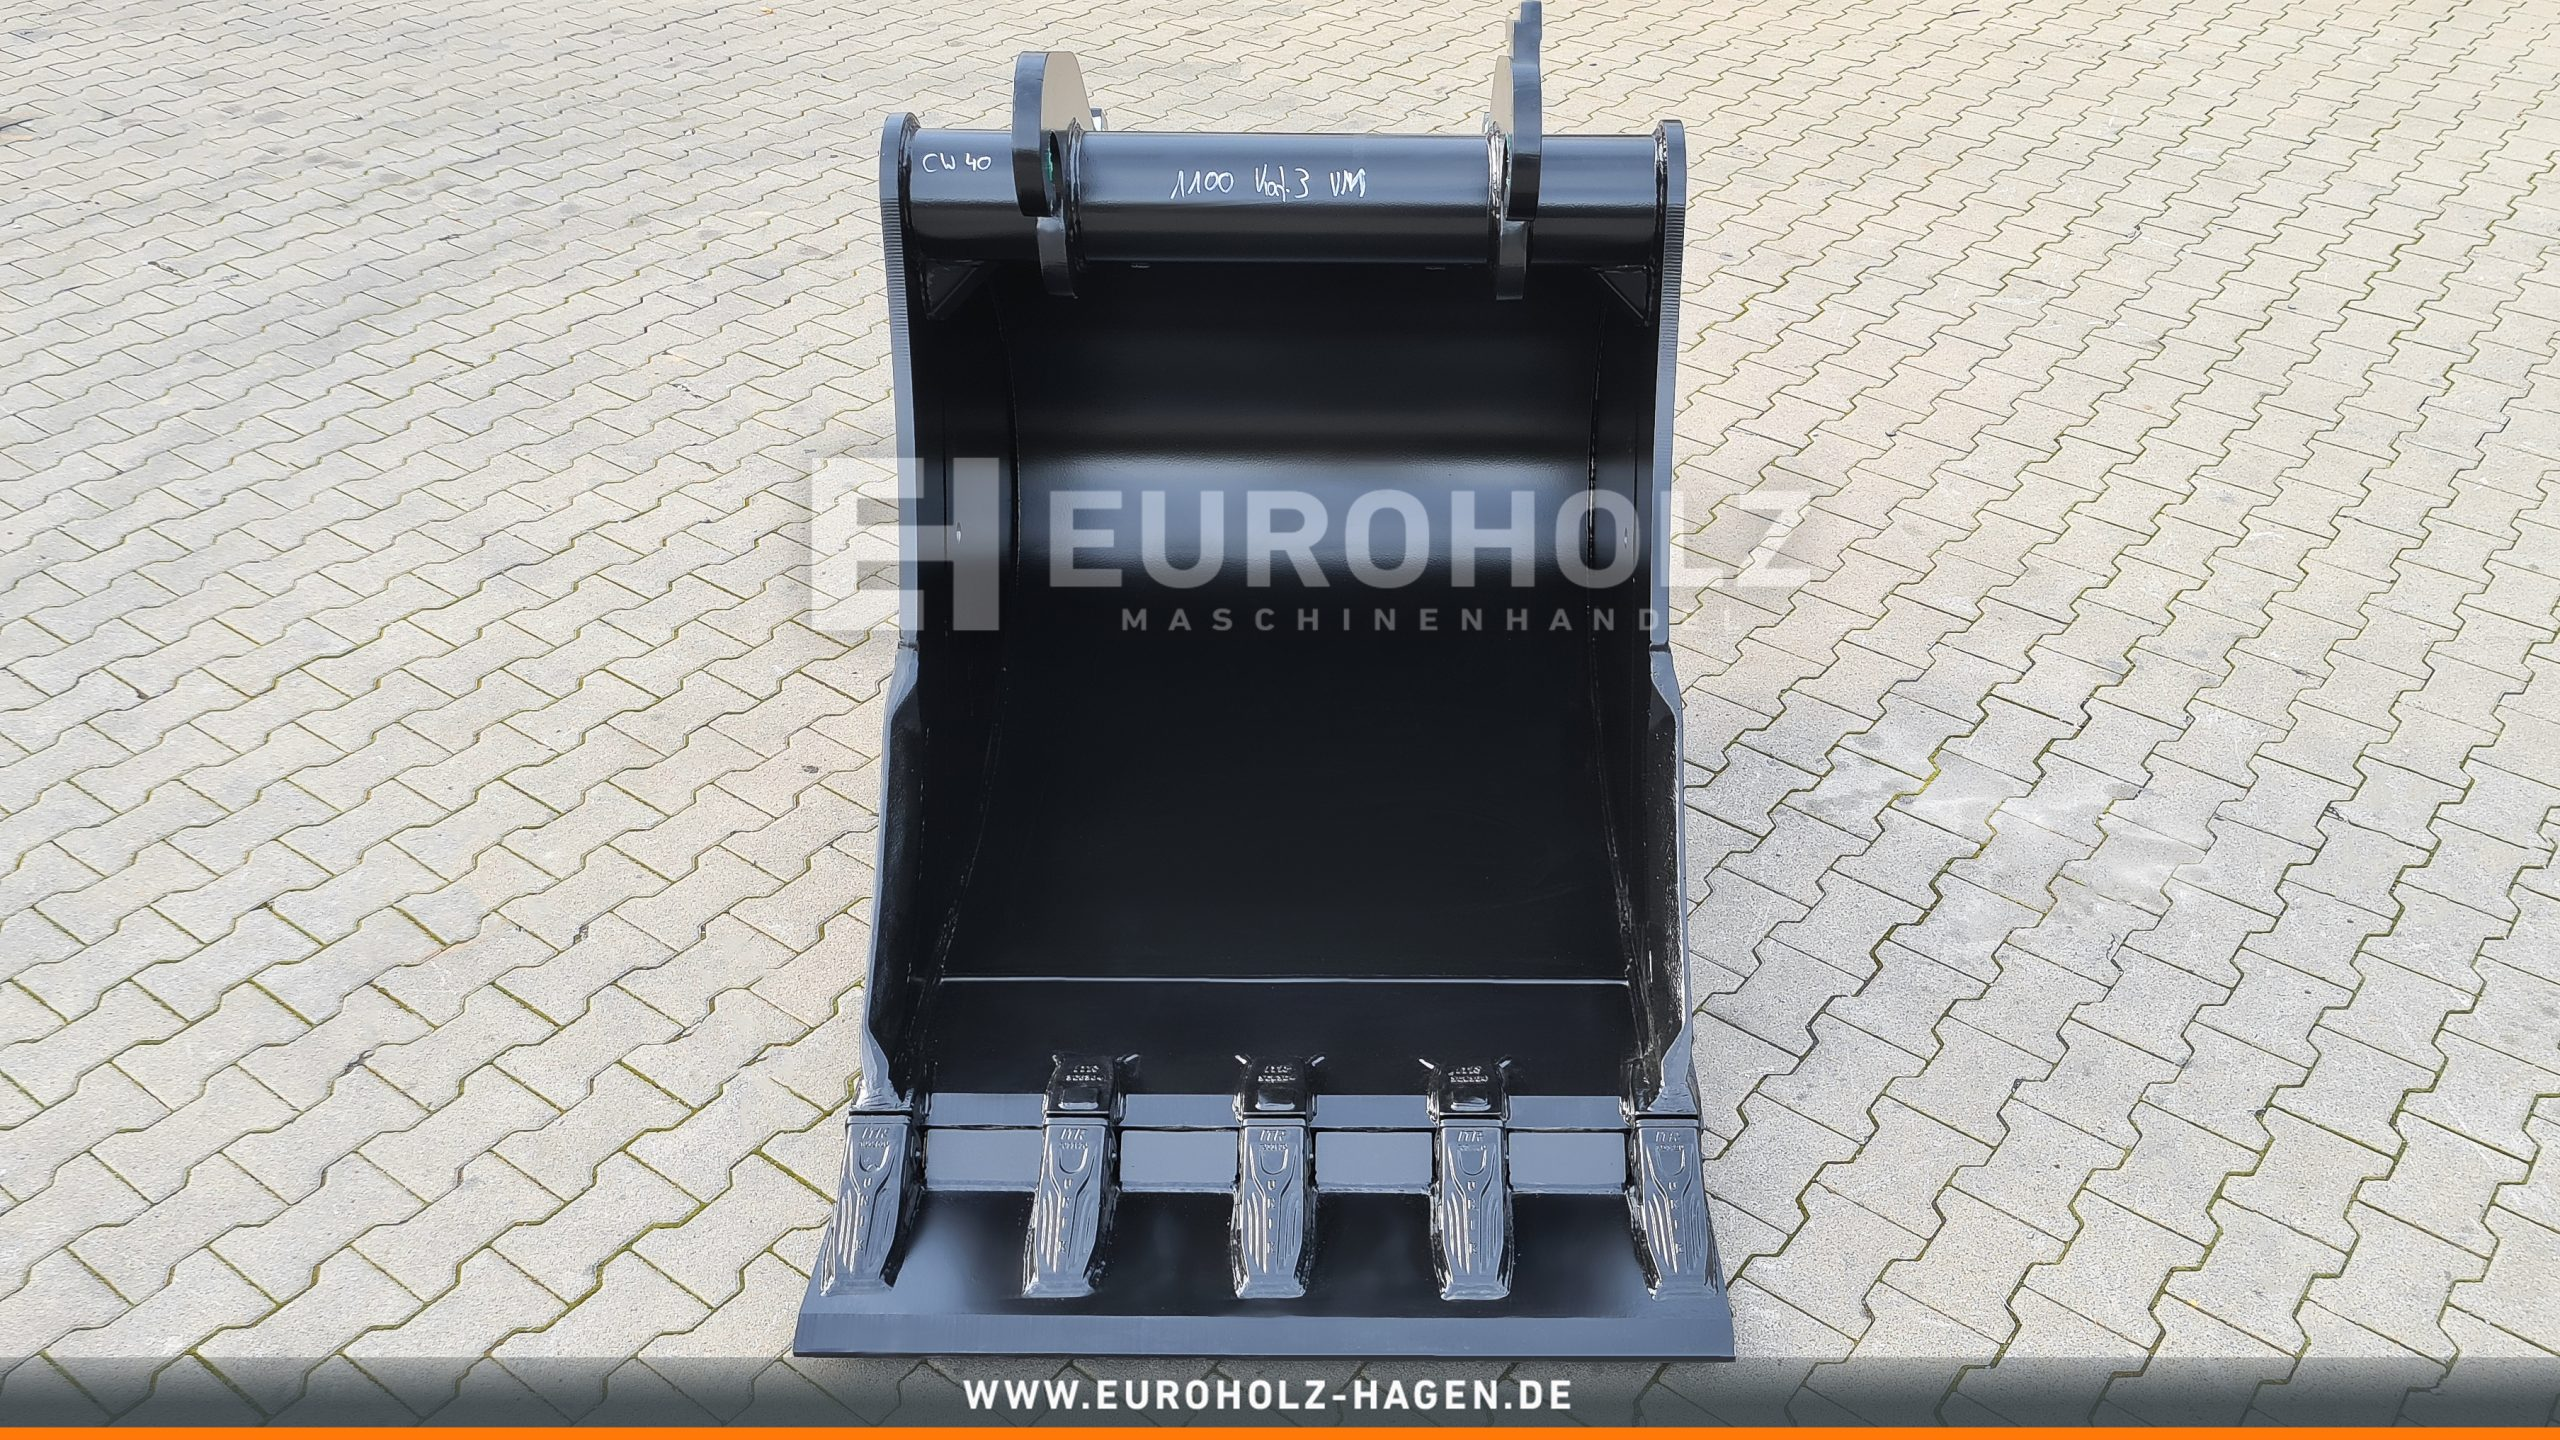 Tieflöffel passend für Verachtert CW30 / CW40 / 1100 mm / Kat. 3G / mit VorsteckmesserDigging bucket suitable for Verachtert CW30/ CW40 / 1100 mm / cat. 3G / with welded blade